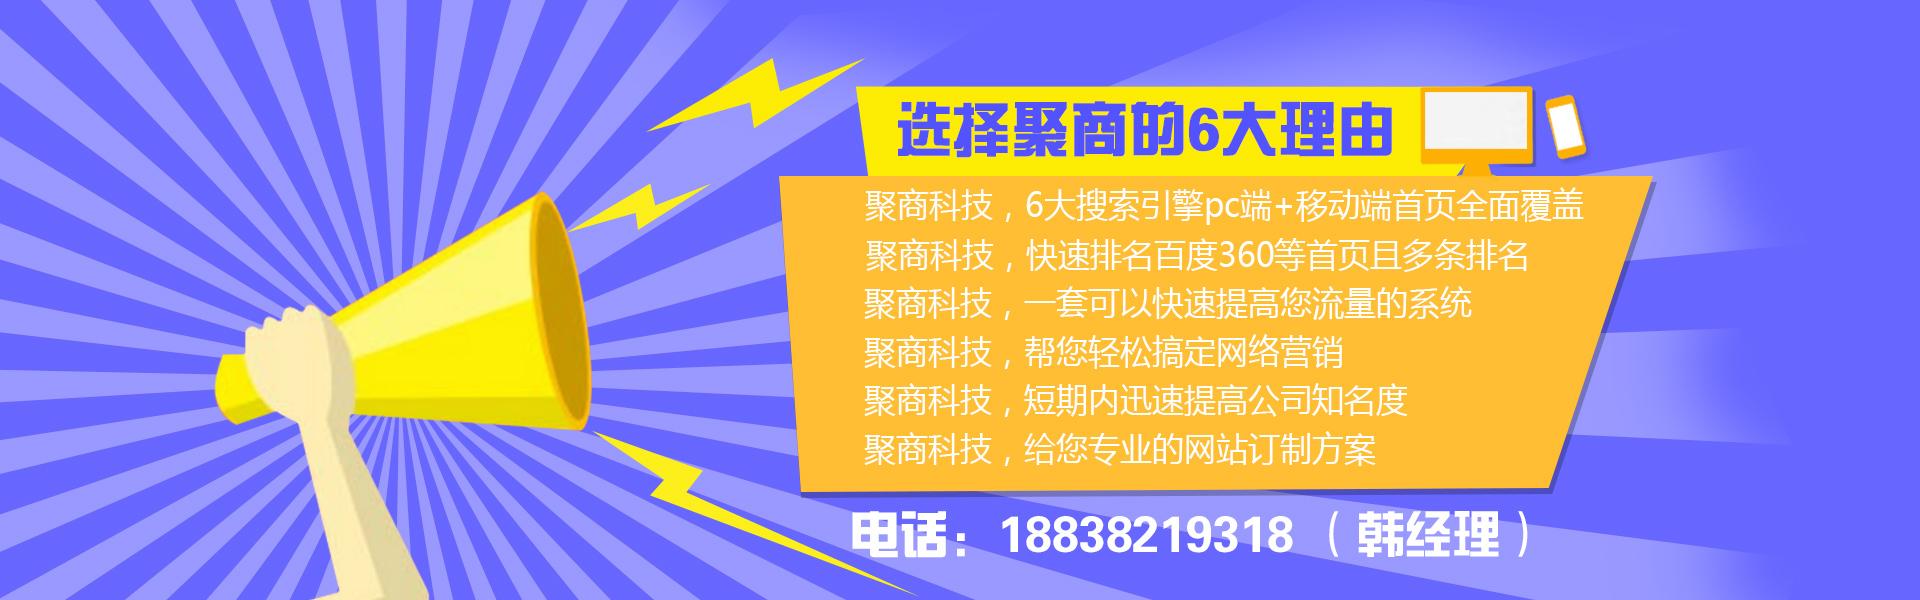 banner藍色.jpg